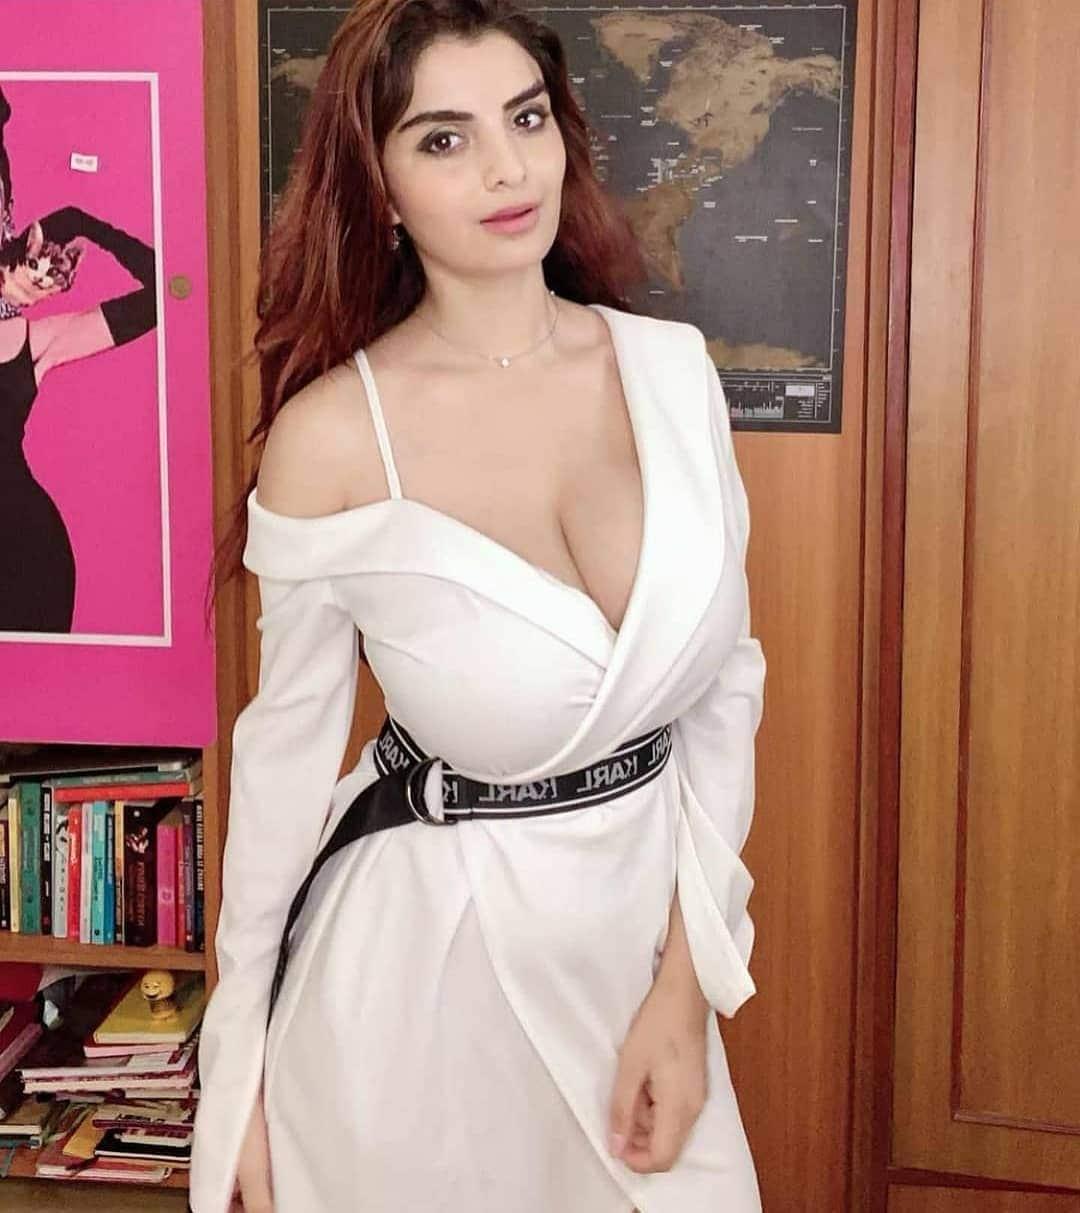 అన్వేషి జైన్ తెల్లని దుస్తులలో ఉష్ణోగ్రతను పెంచుతుంది. (Image: Instagram)